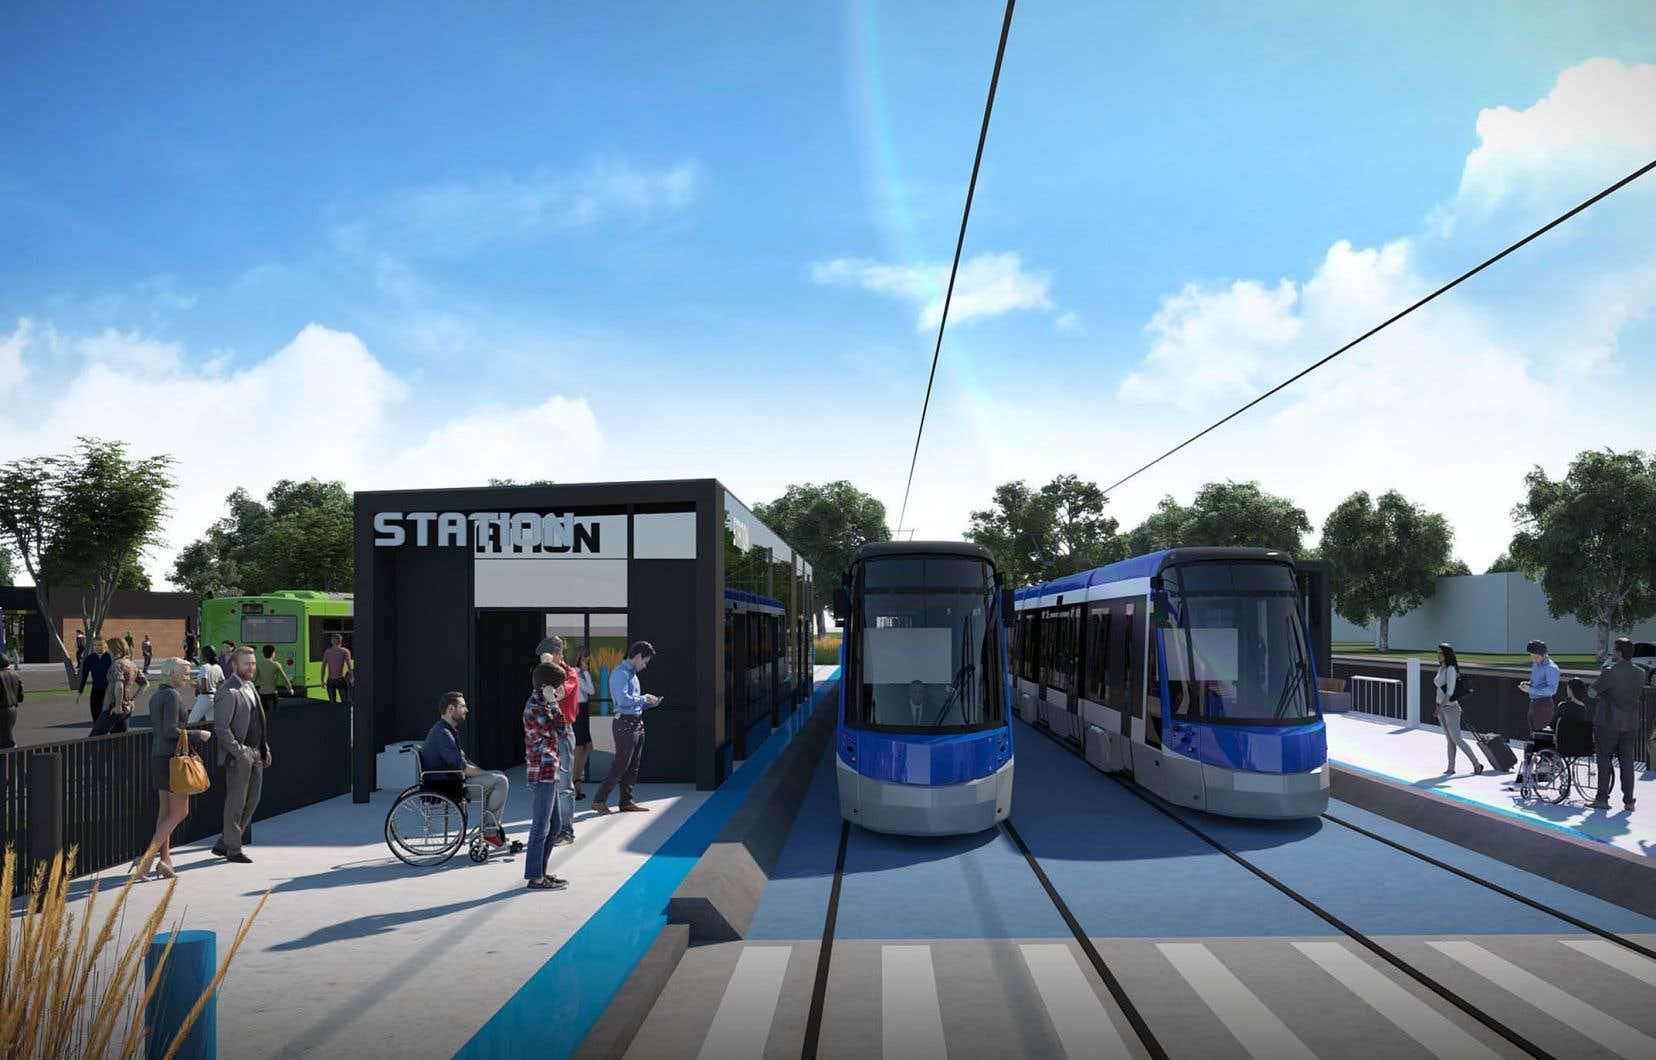 Évalué à 3,3milliards, le réseau de tramway de Québec prévoit notamment l'aménagement d'une ligne de tramway reliant le nord-est au sud-ouest de la ville.